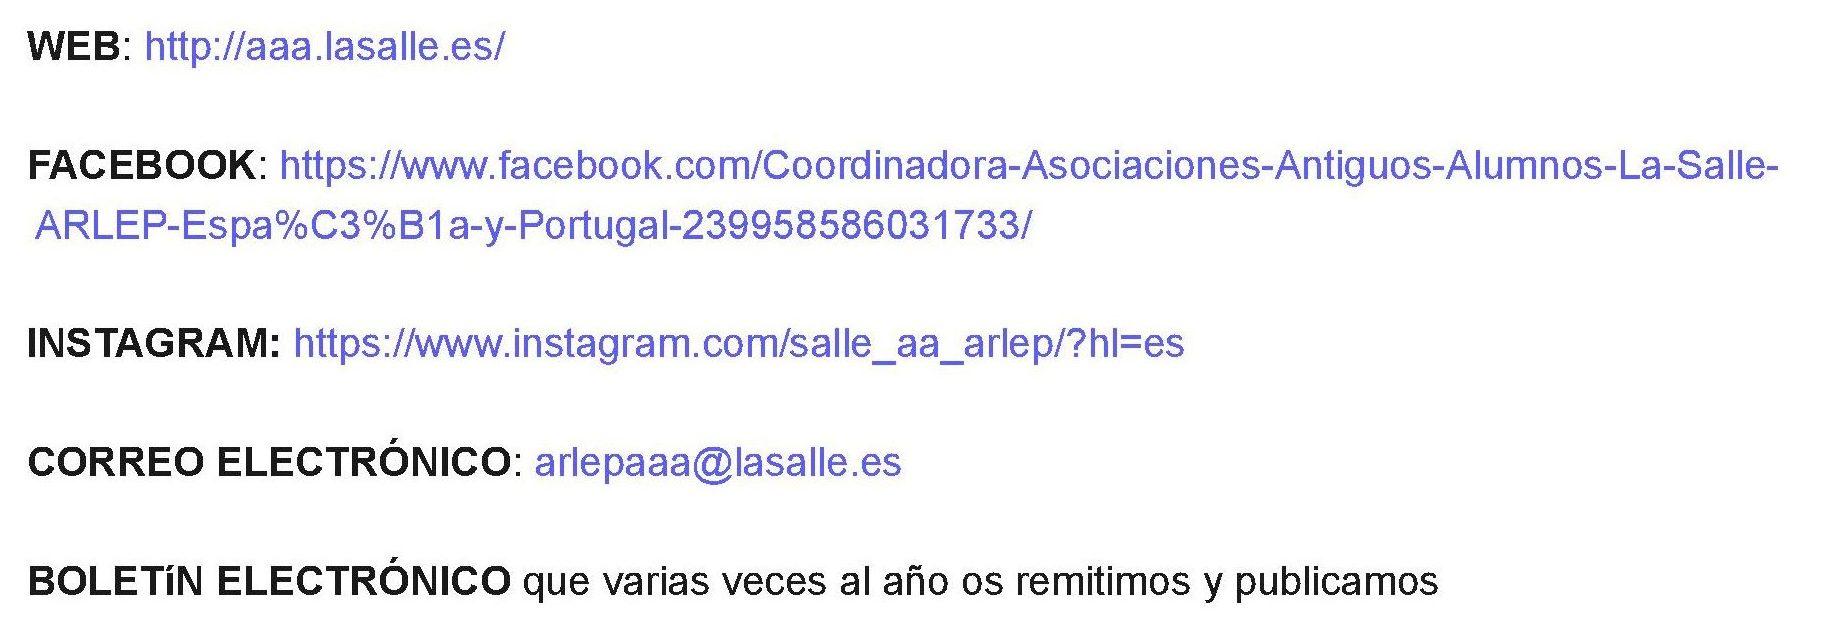 RECURSOS DE COMUNICACIÓN PARA ASOCIACIONES  AA LA SALLE ARLEP